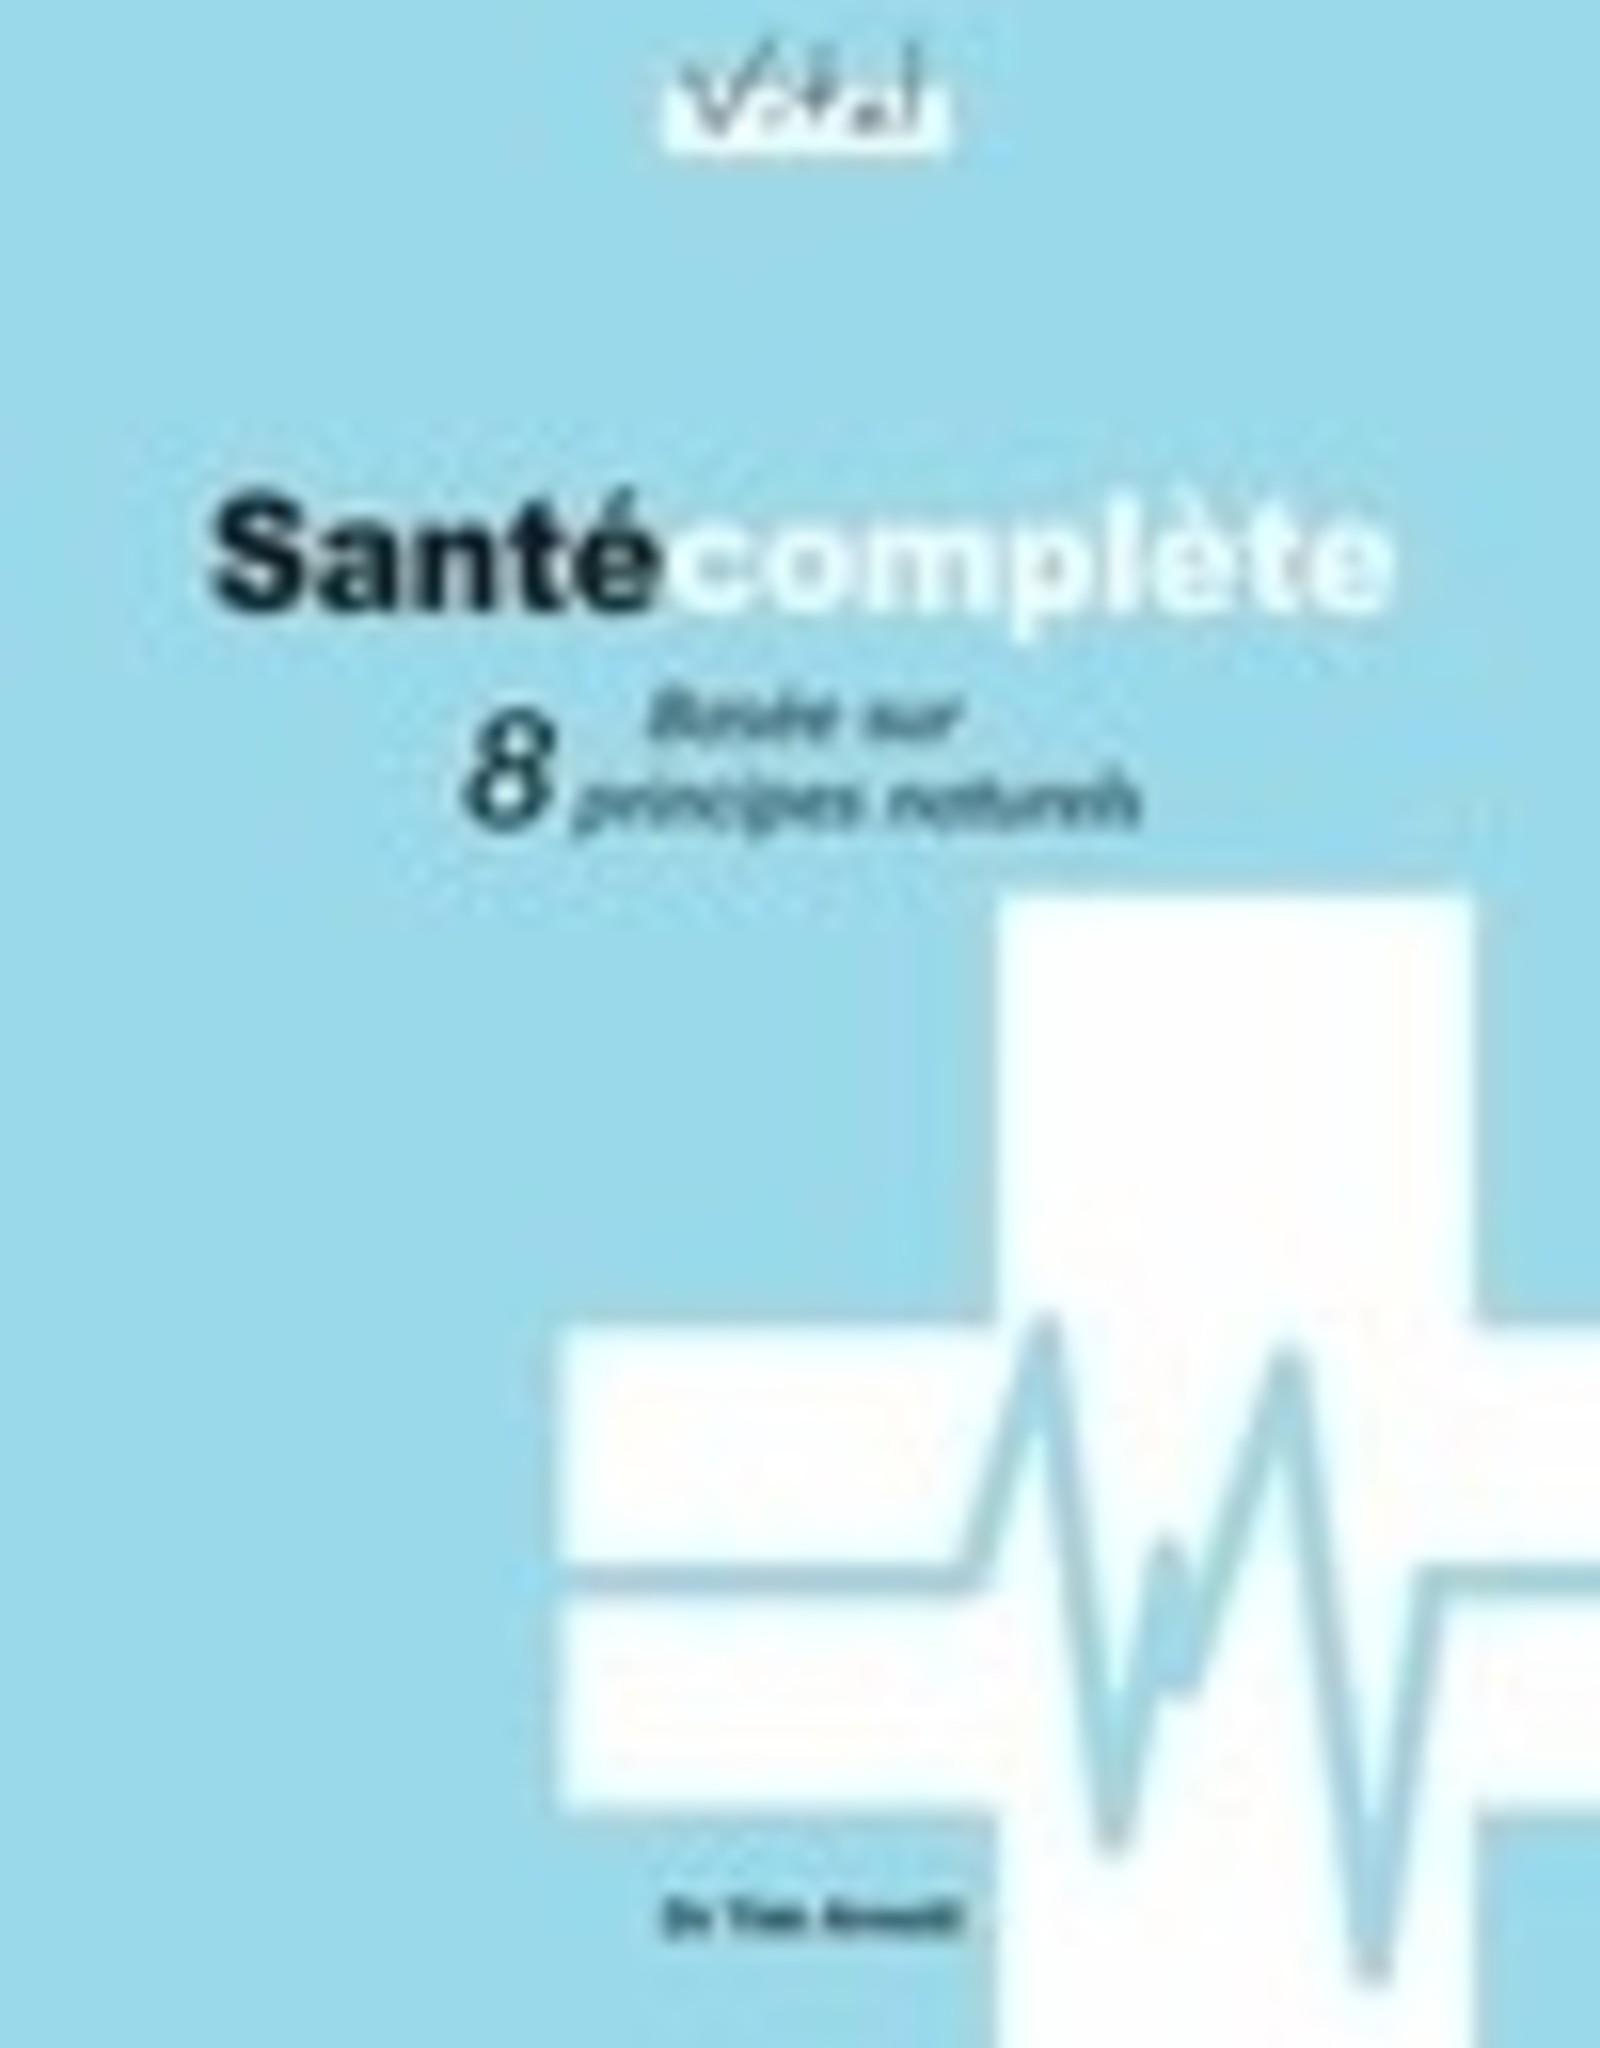 Dr Tim Arnott Santé complète basée sur 8 principes naturels